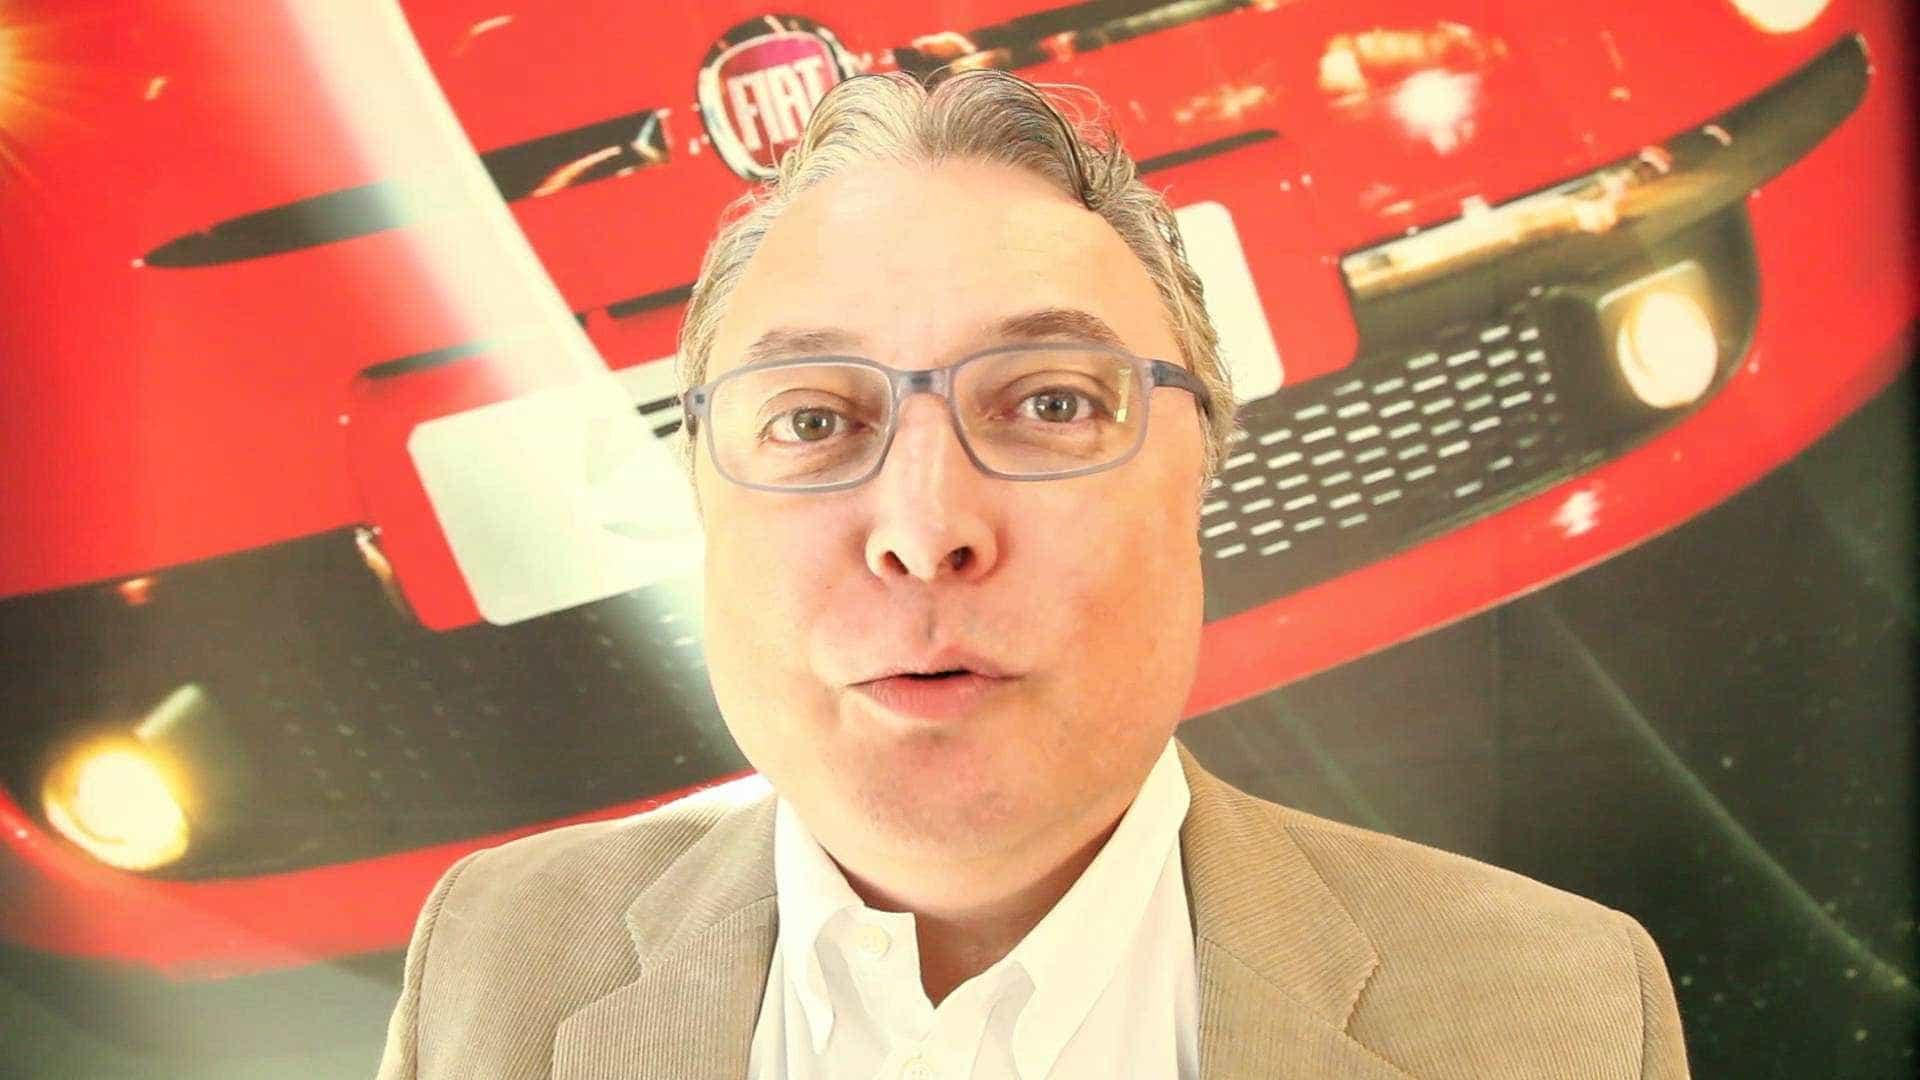 Campanha de carro hoje tem  de falar de valores, diz diretor da Fiat